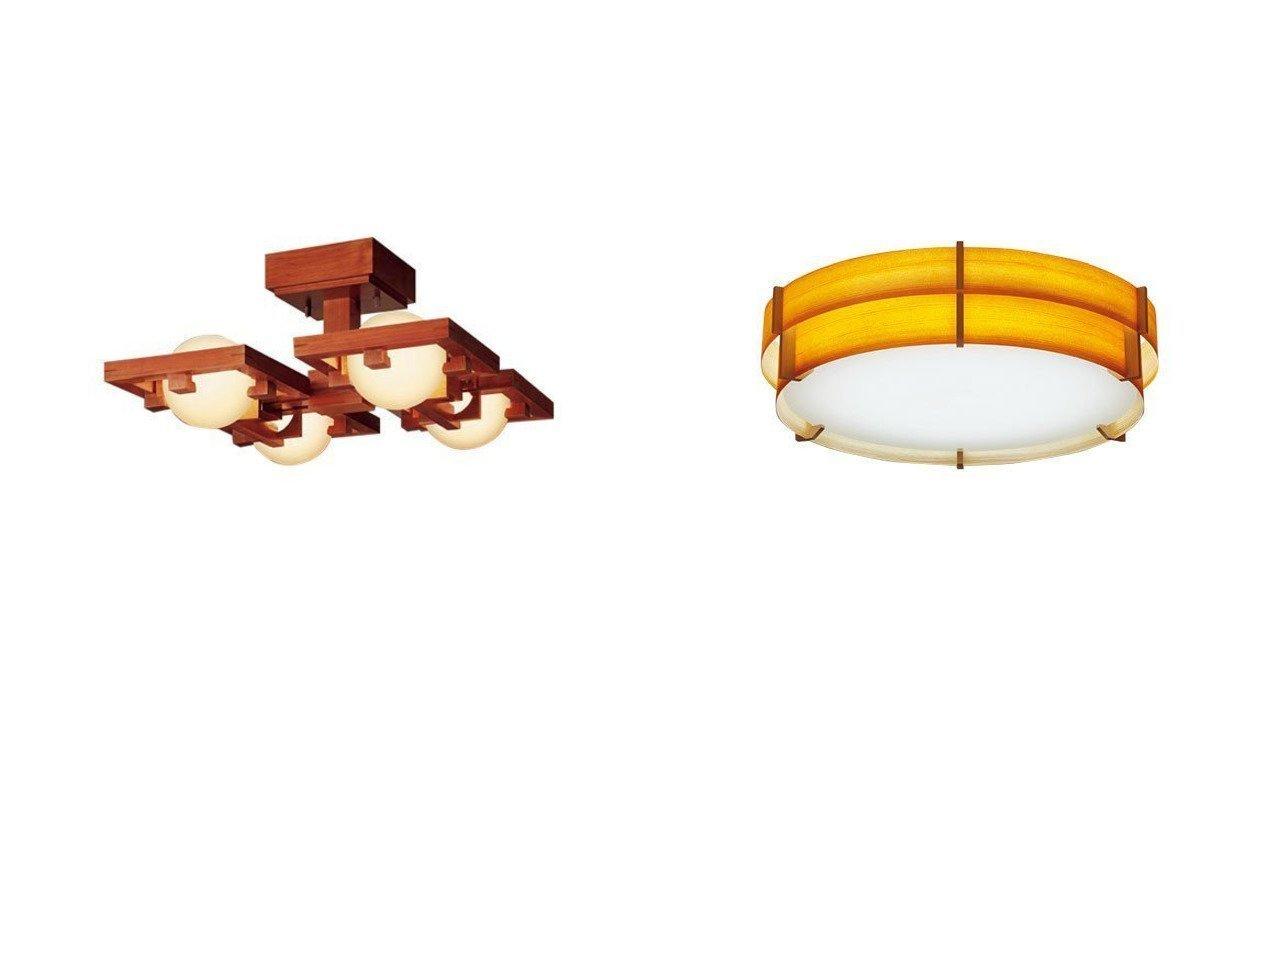 【yamagiwa/ヤマギワ】のフランク・ロイド・ライト ロビー 1 ミニ シーリング&JAKOBSSON LED CEILING LAMP 323L1016 + 320X- ヤコブソン LEDシーリングランプ 323L1016 + 320X-223 【FURNITURE】おすすめ!人気、インテリア・家具の通販 おすすめで人気の流行・トレンド、ファッションの通販商品 メンズファッション・キッズファッション・インテリア・家具・レディースファッション・服の通販 founy(ファニー) https://founy.com/ ガラス ダウン フレーム 送料無料 Free Shipping ホーム・キャンプ・アウトドア Home,Garden,Outdoor,Camping Gear 家具・インテリア Furniture ライト・照明 Lighting & Light Fixtures シーリングライト |ID:crp329100000038513